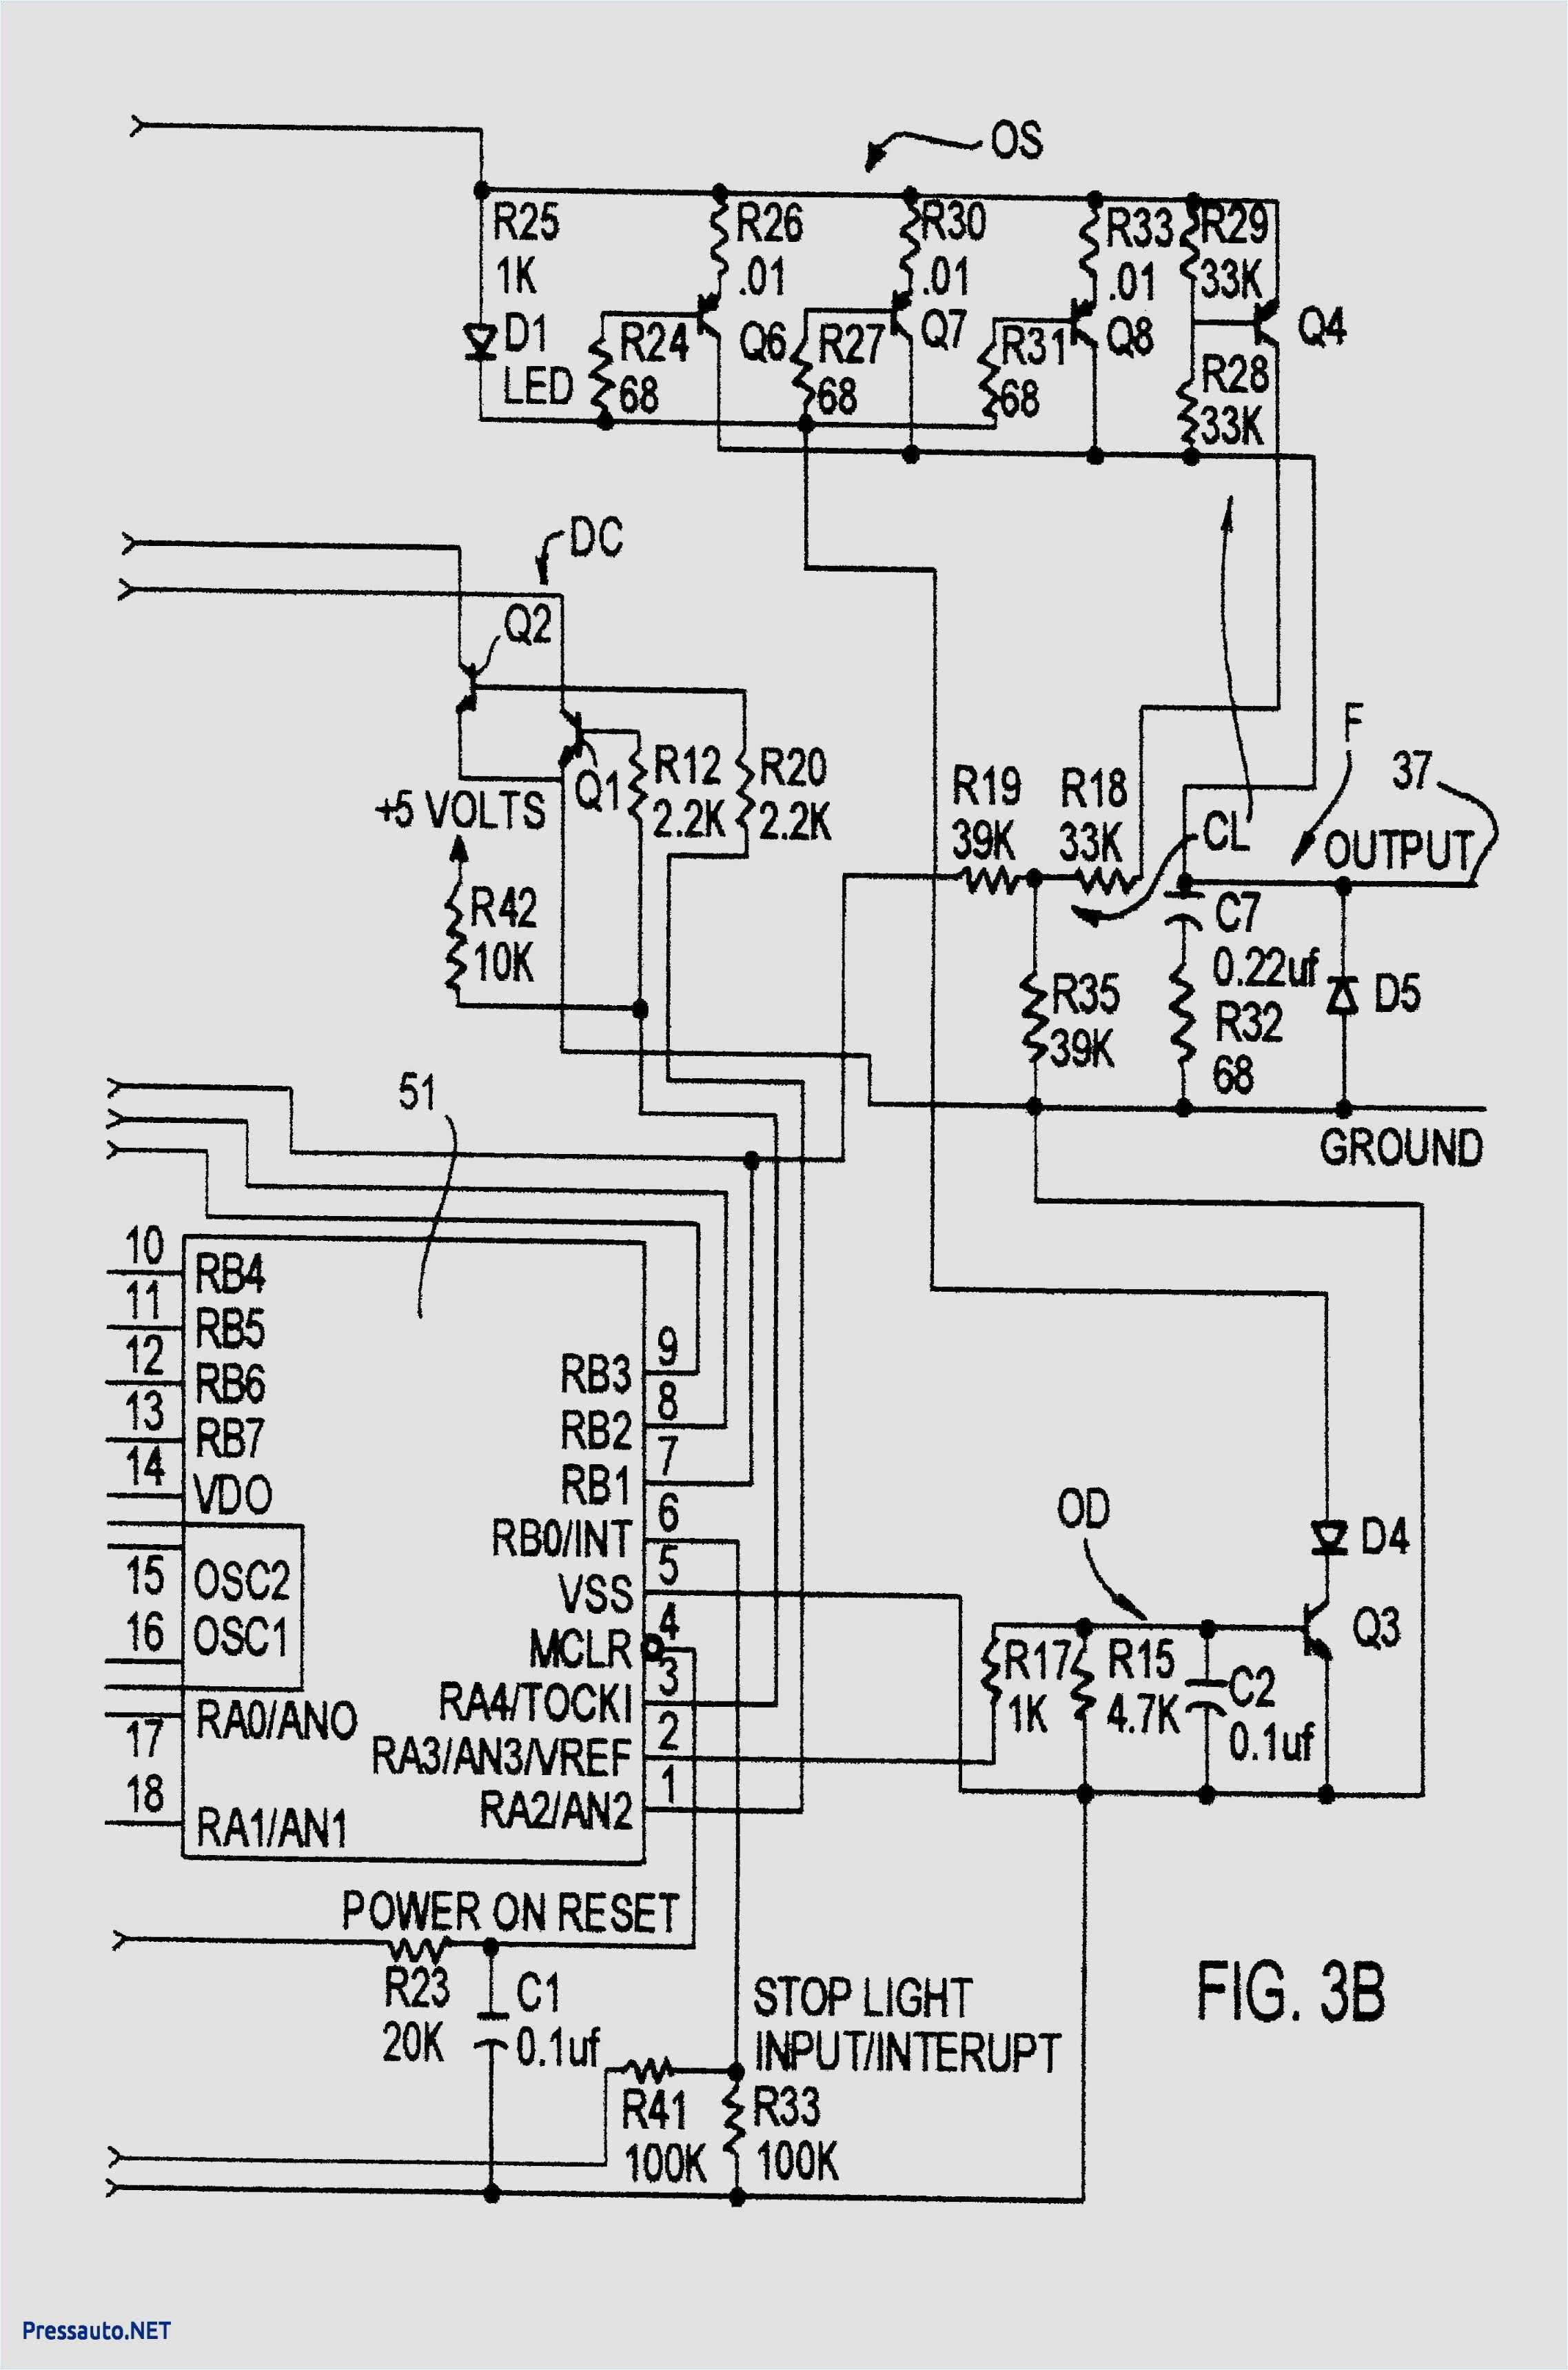 tekonsha voyager brake controller wiring diagram wiring diagram basic tekonsha voyager electric ke wiring diagram